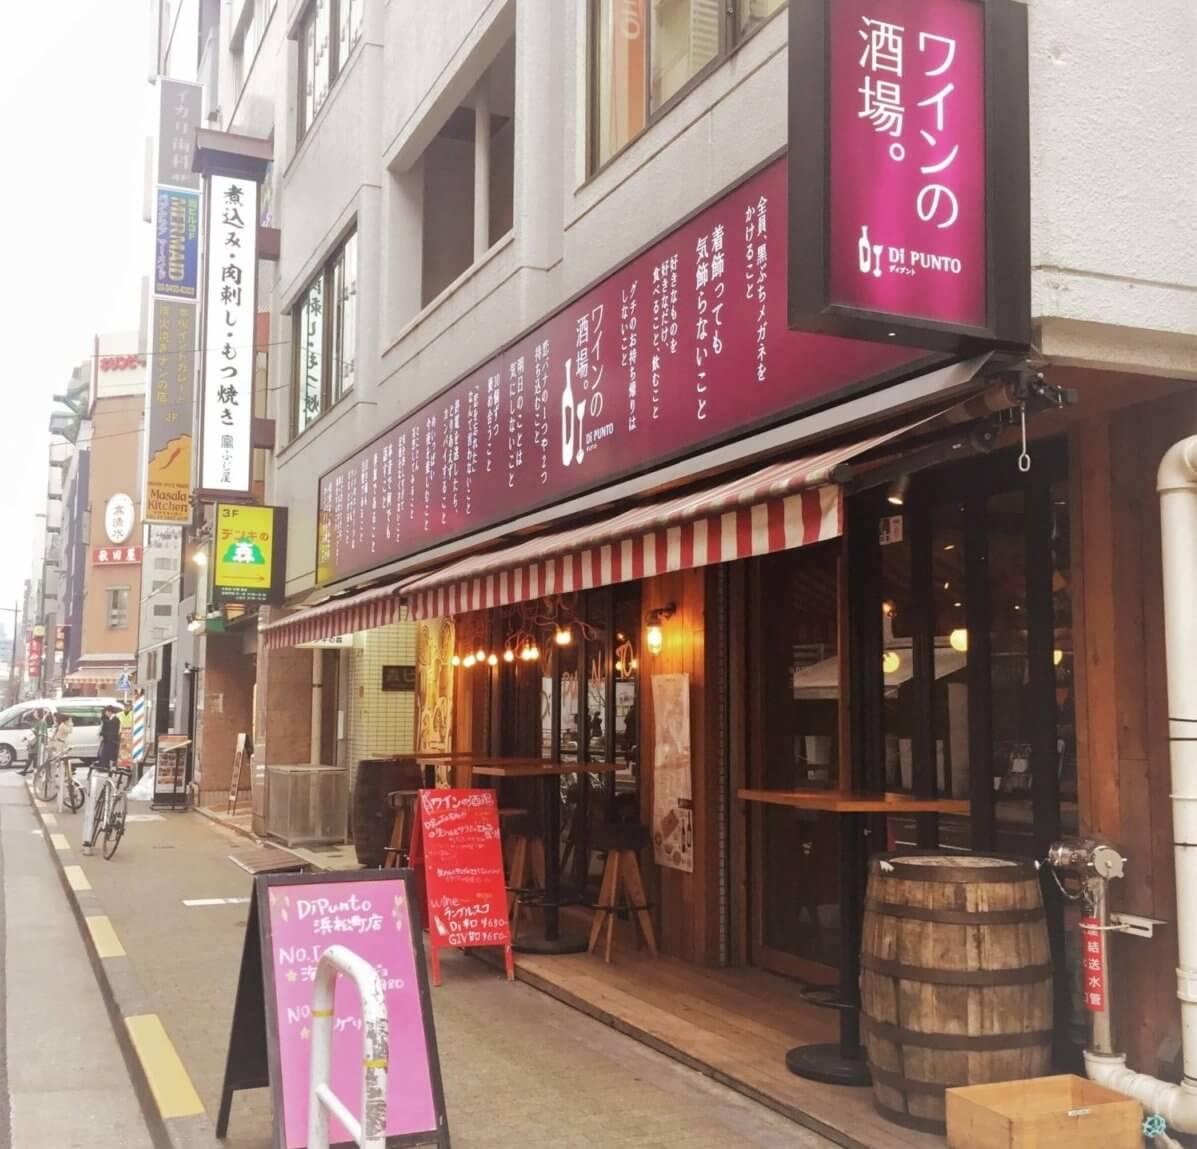 「ディプント浜松町店」の外観